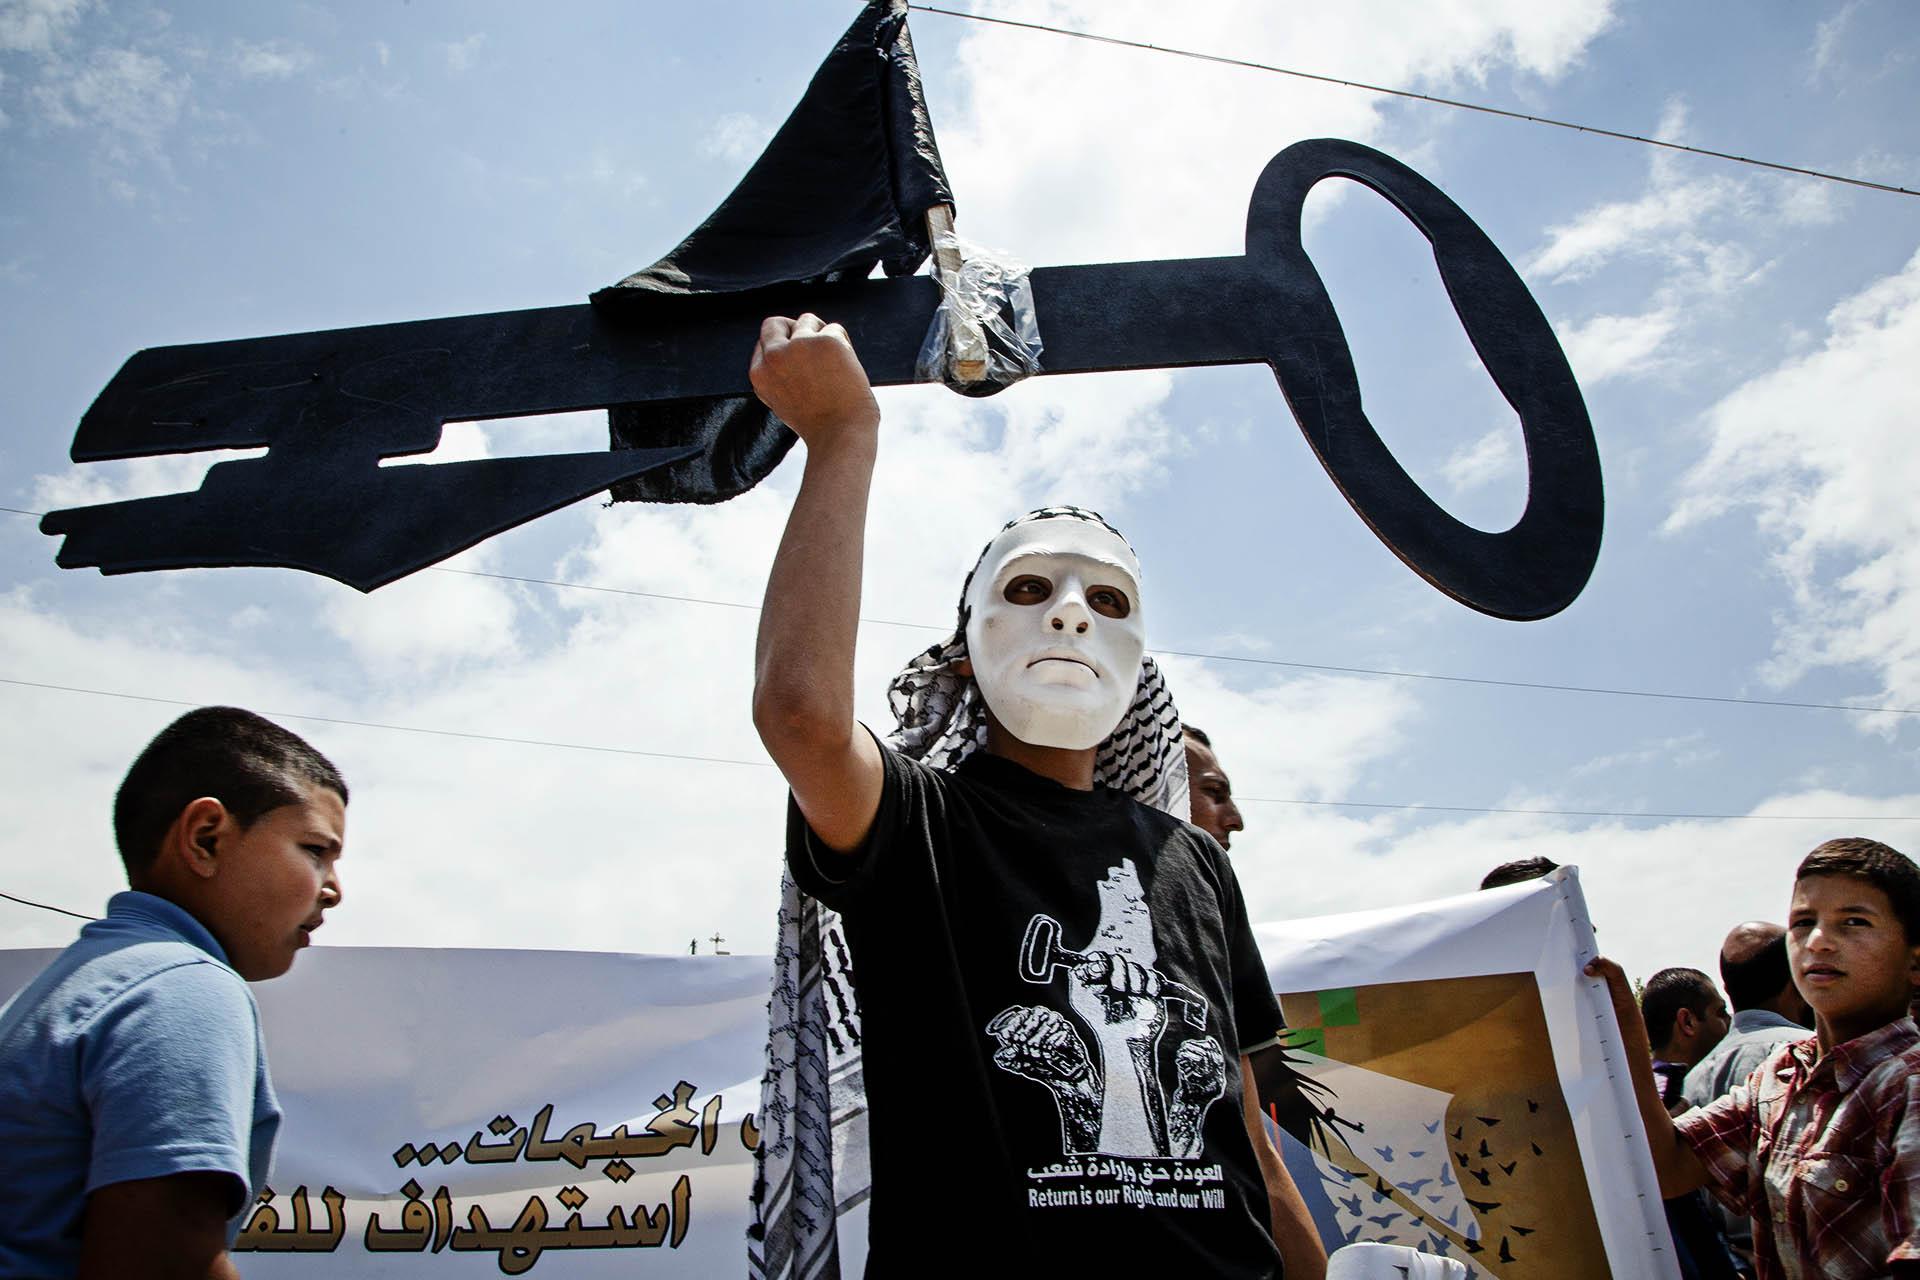 """15 de mayo de 2015, día de la Naqba (""""catástrofe"""" en árabe), que conmemora el exilio y desposesión en el que viven hoy más de 5 millones de palestinos."""